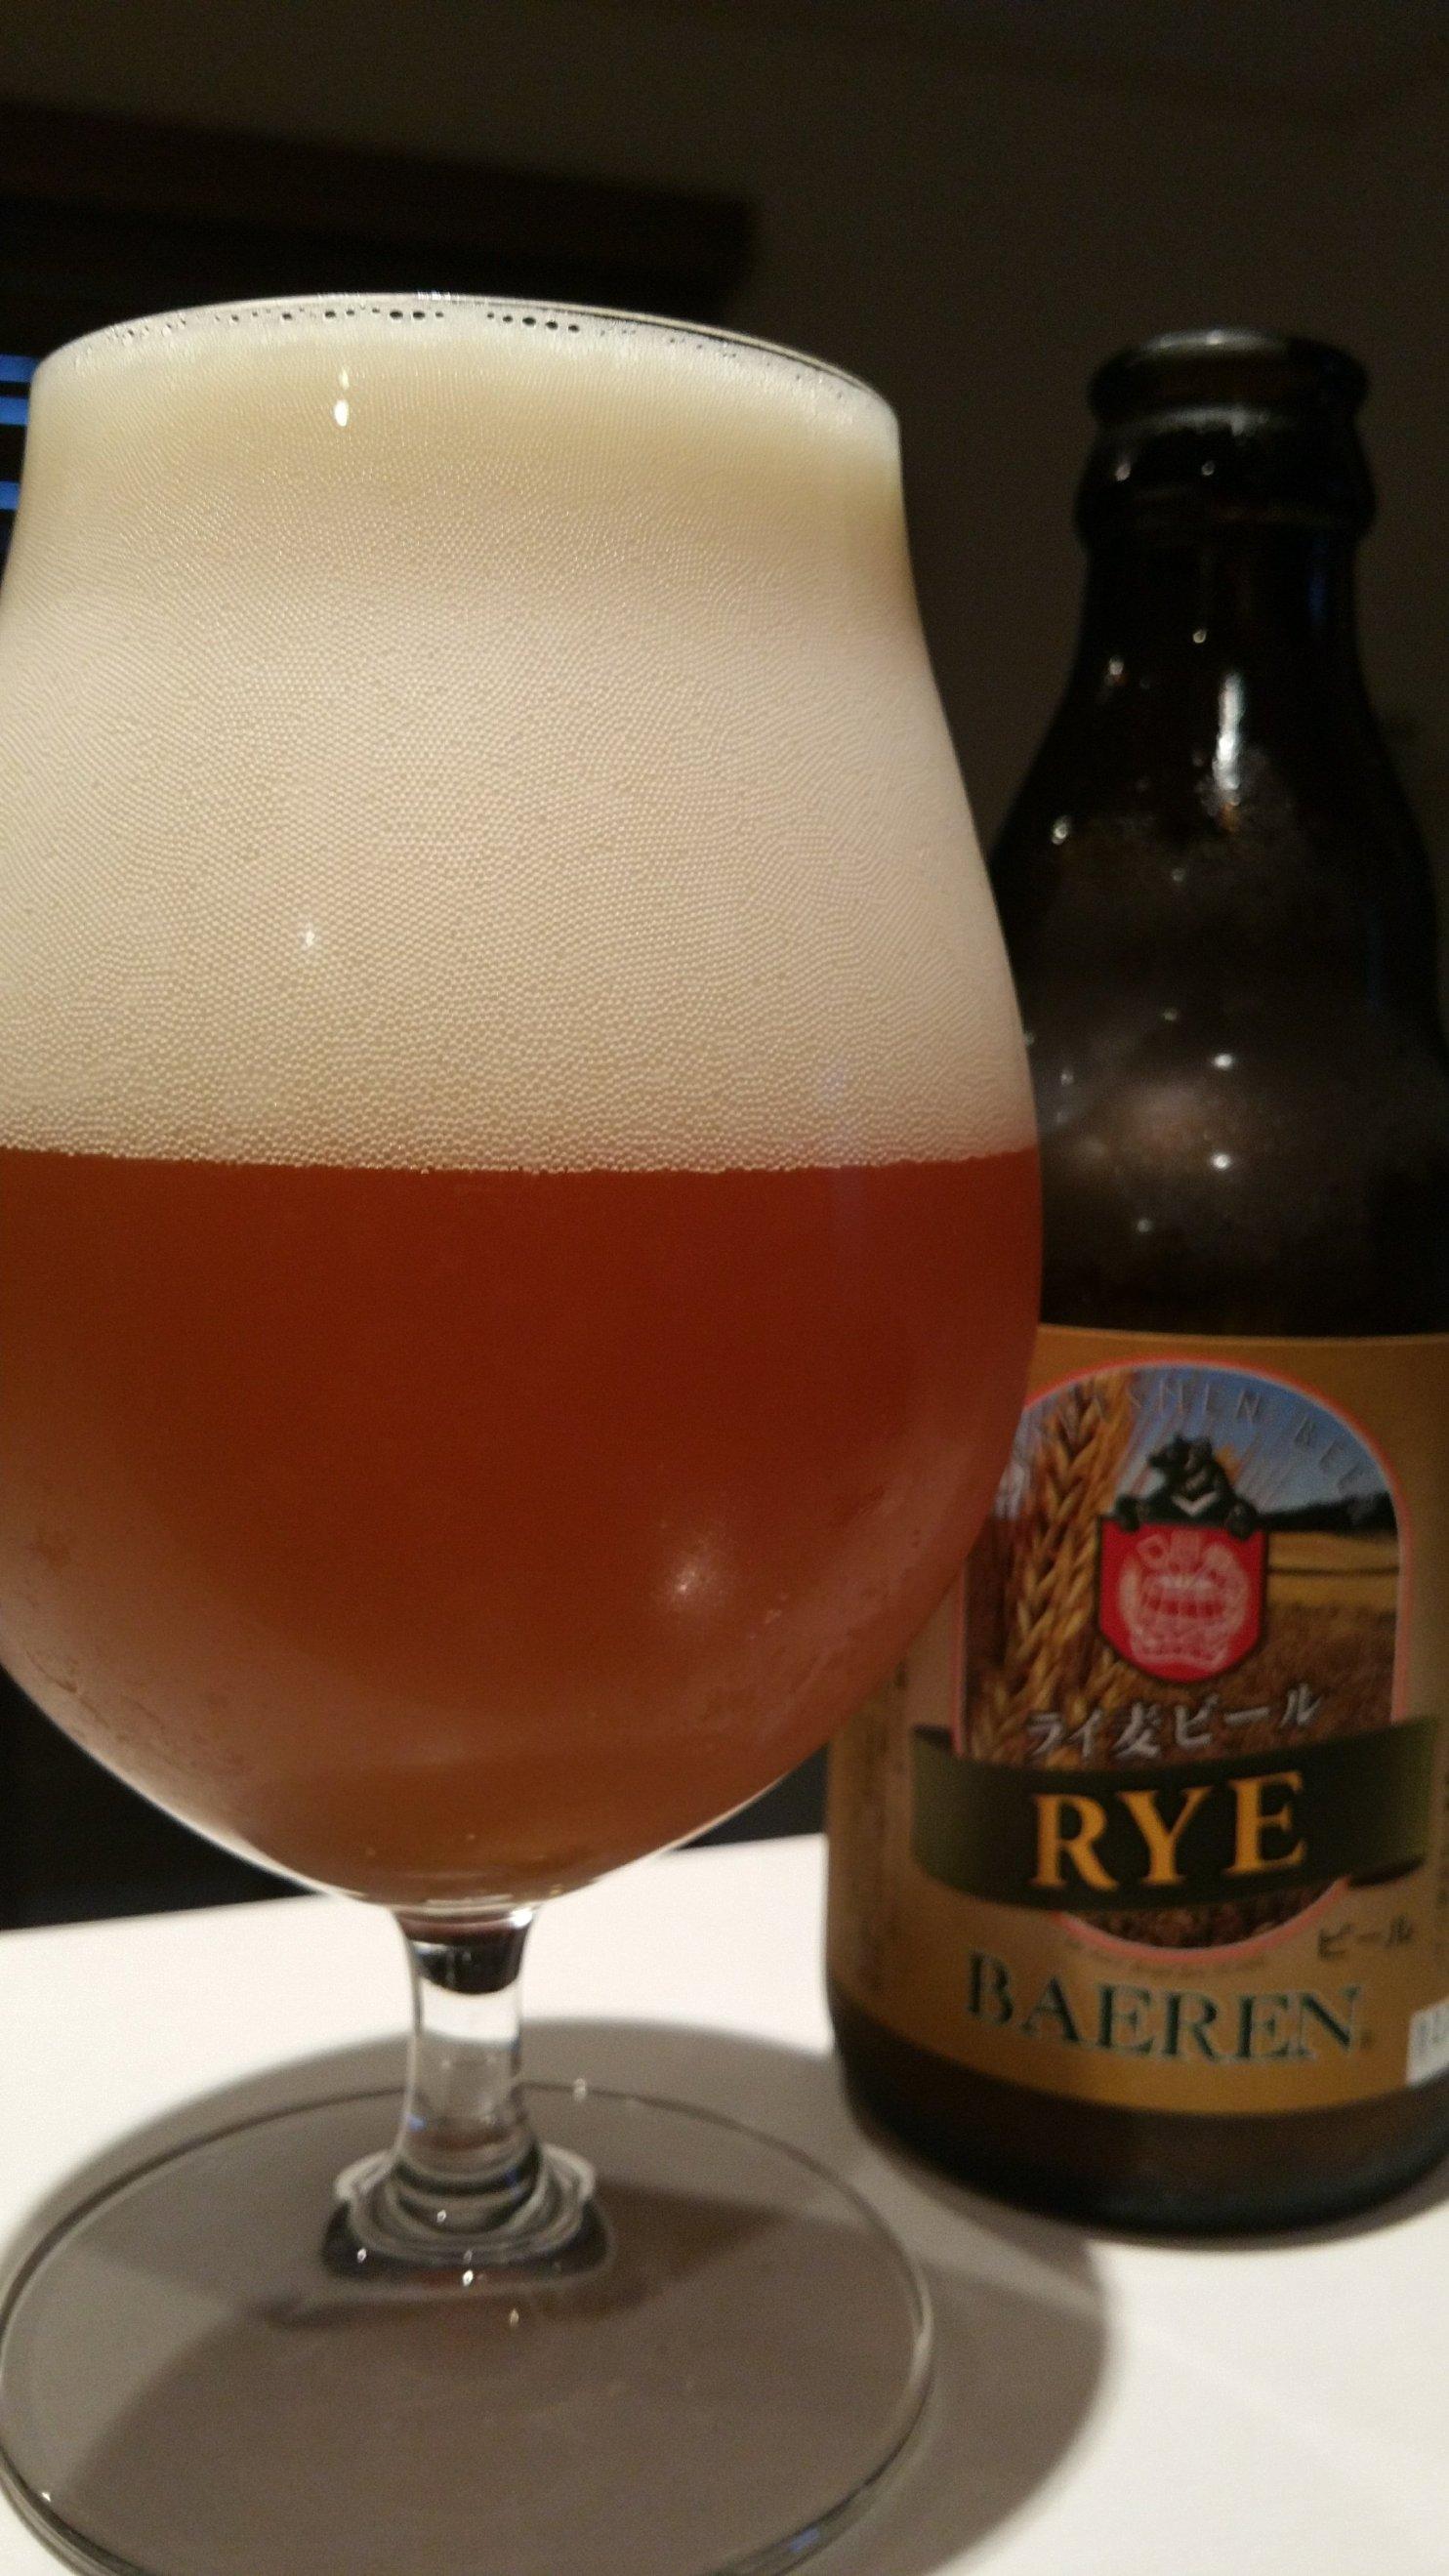 Baeren Rye ベアレンライ麦ビール